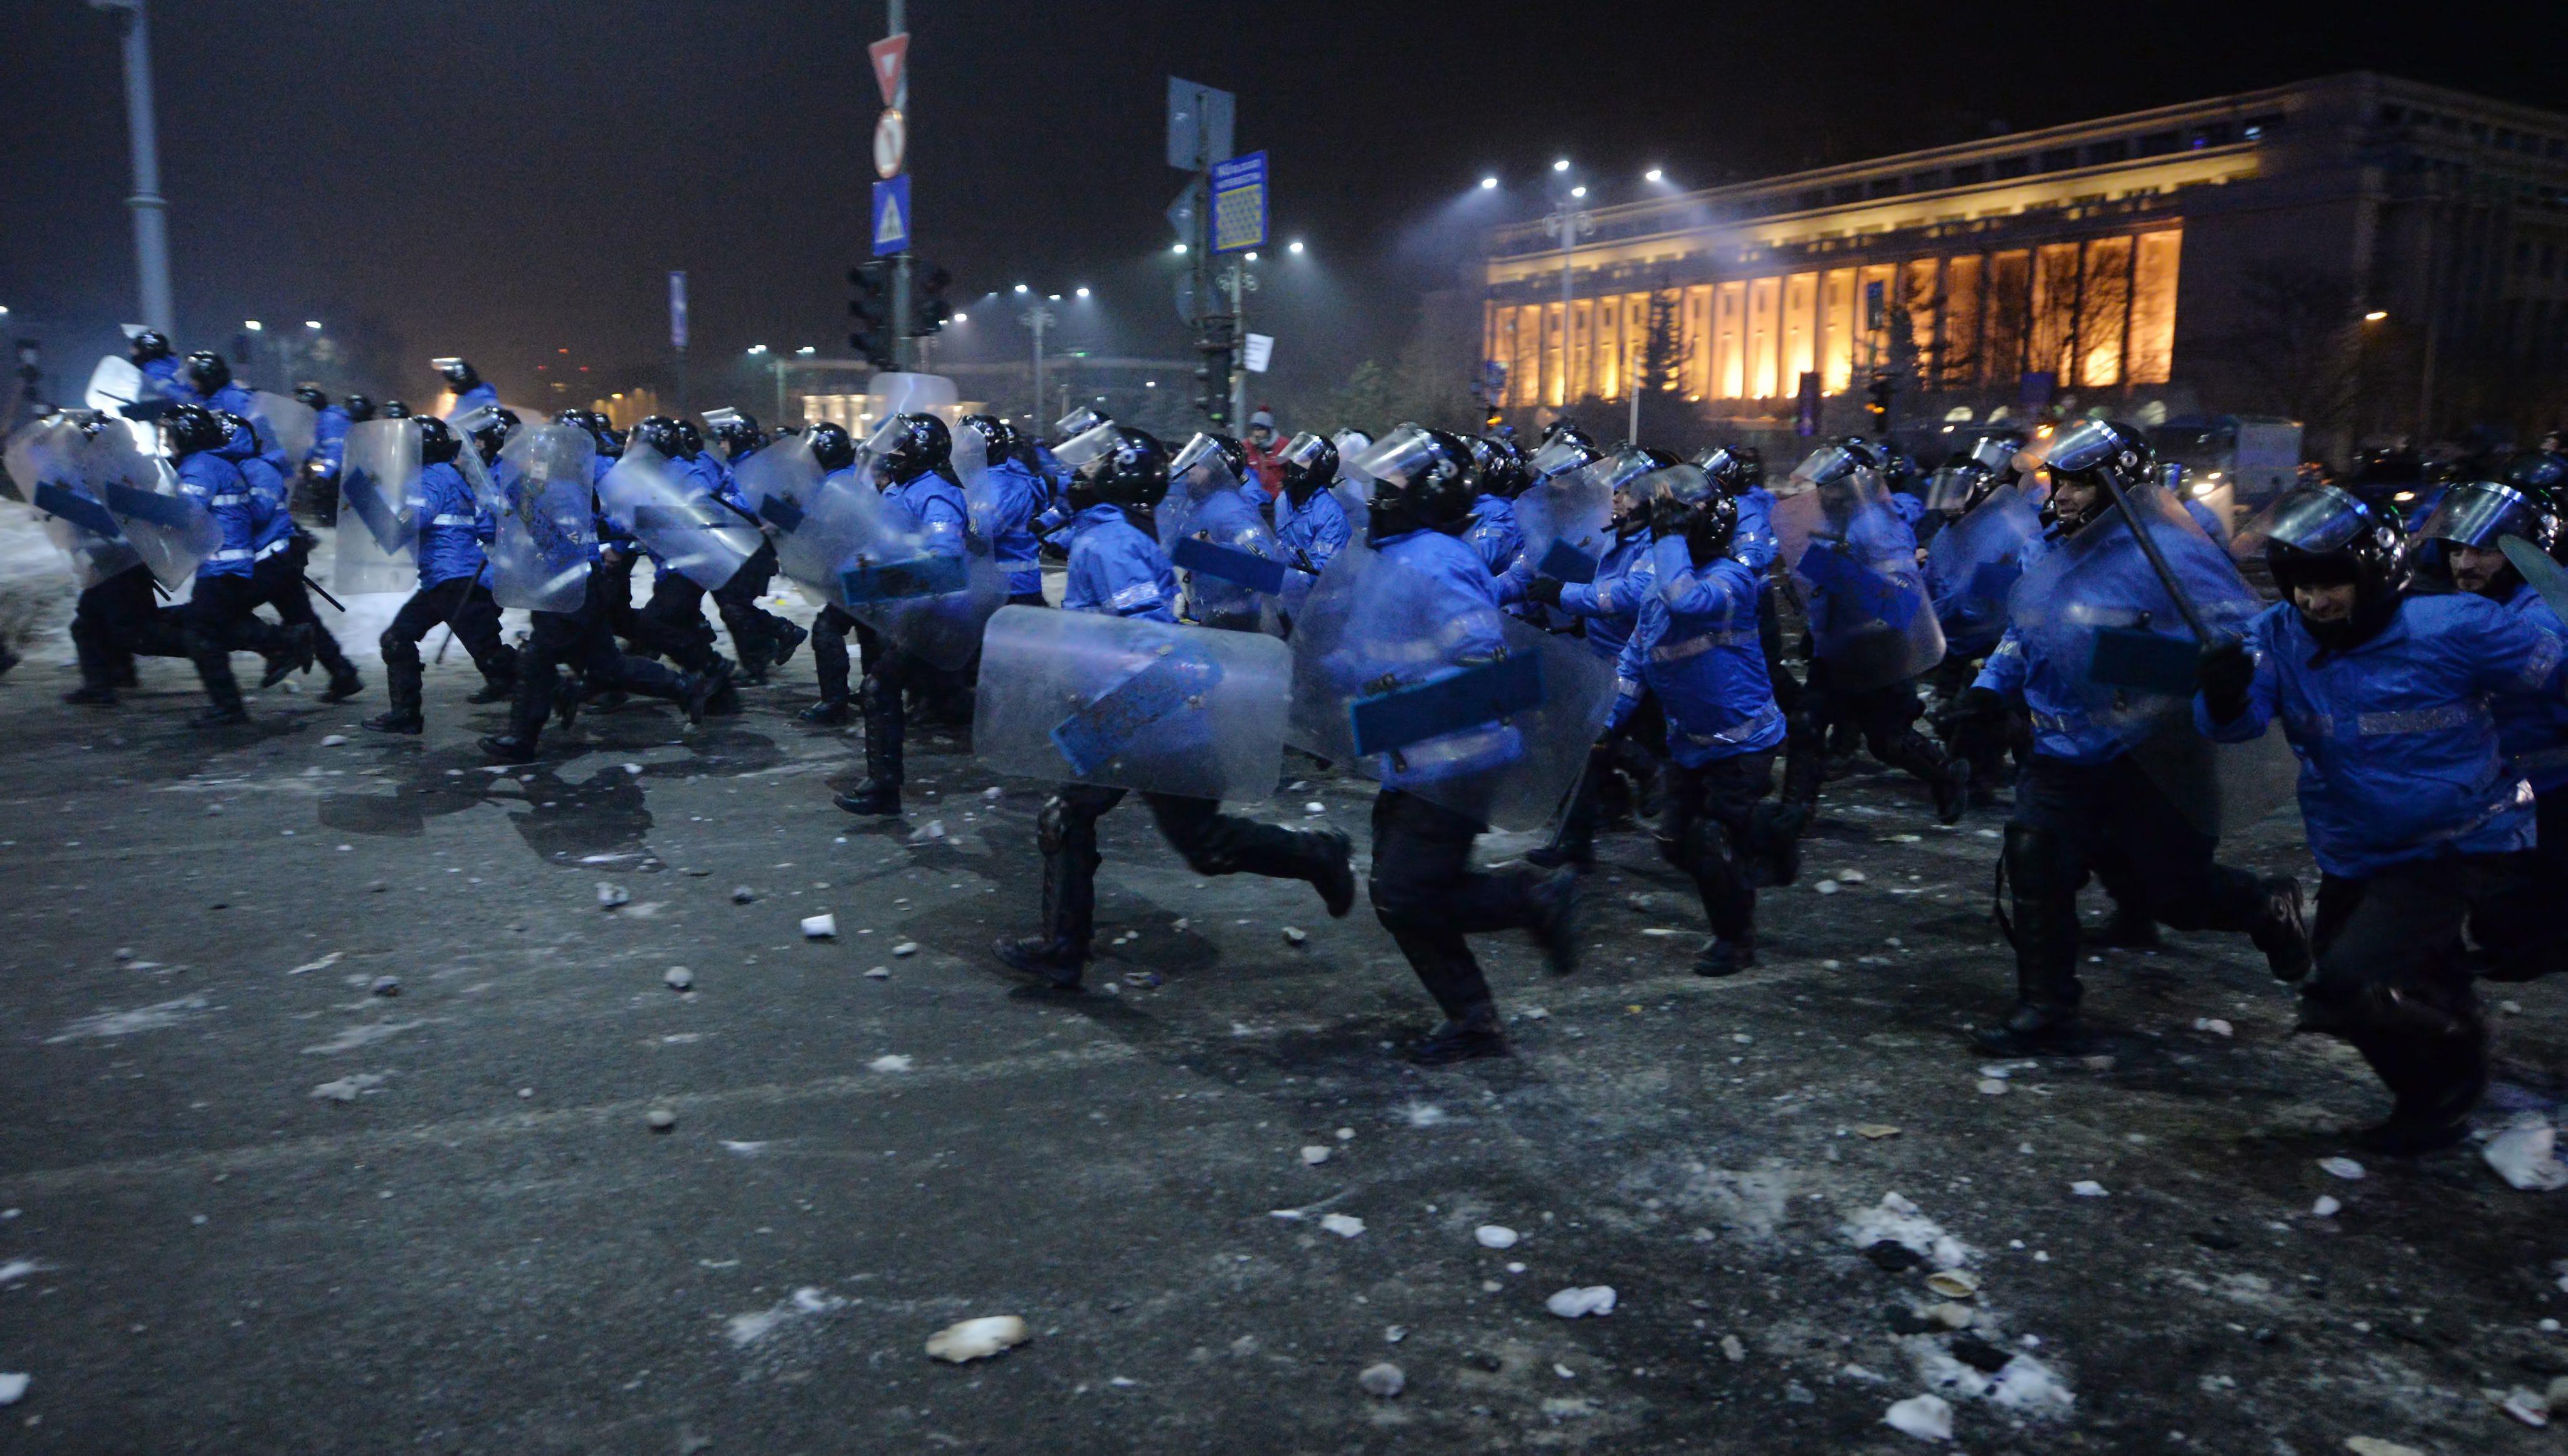 Протестиращите влязоха в свирепи сблъсъци с полицията в Букурещ в сряда вечерта, след ден на огромни, но мирни демонстрации срещу промени в наказателния кодекс, който ще смекчат антикорупционното законодателство в страната и ще позволят амнистиране на политиците в затвора